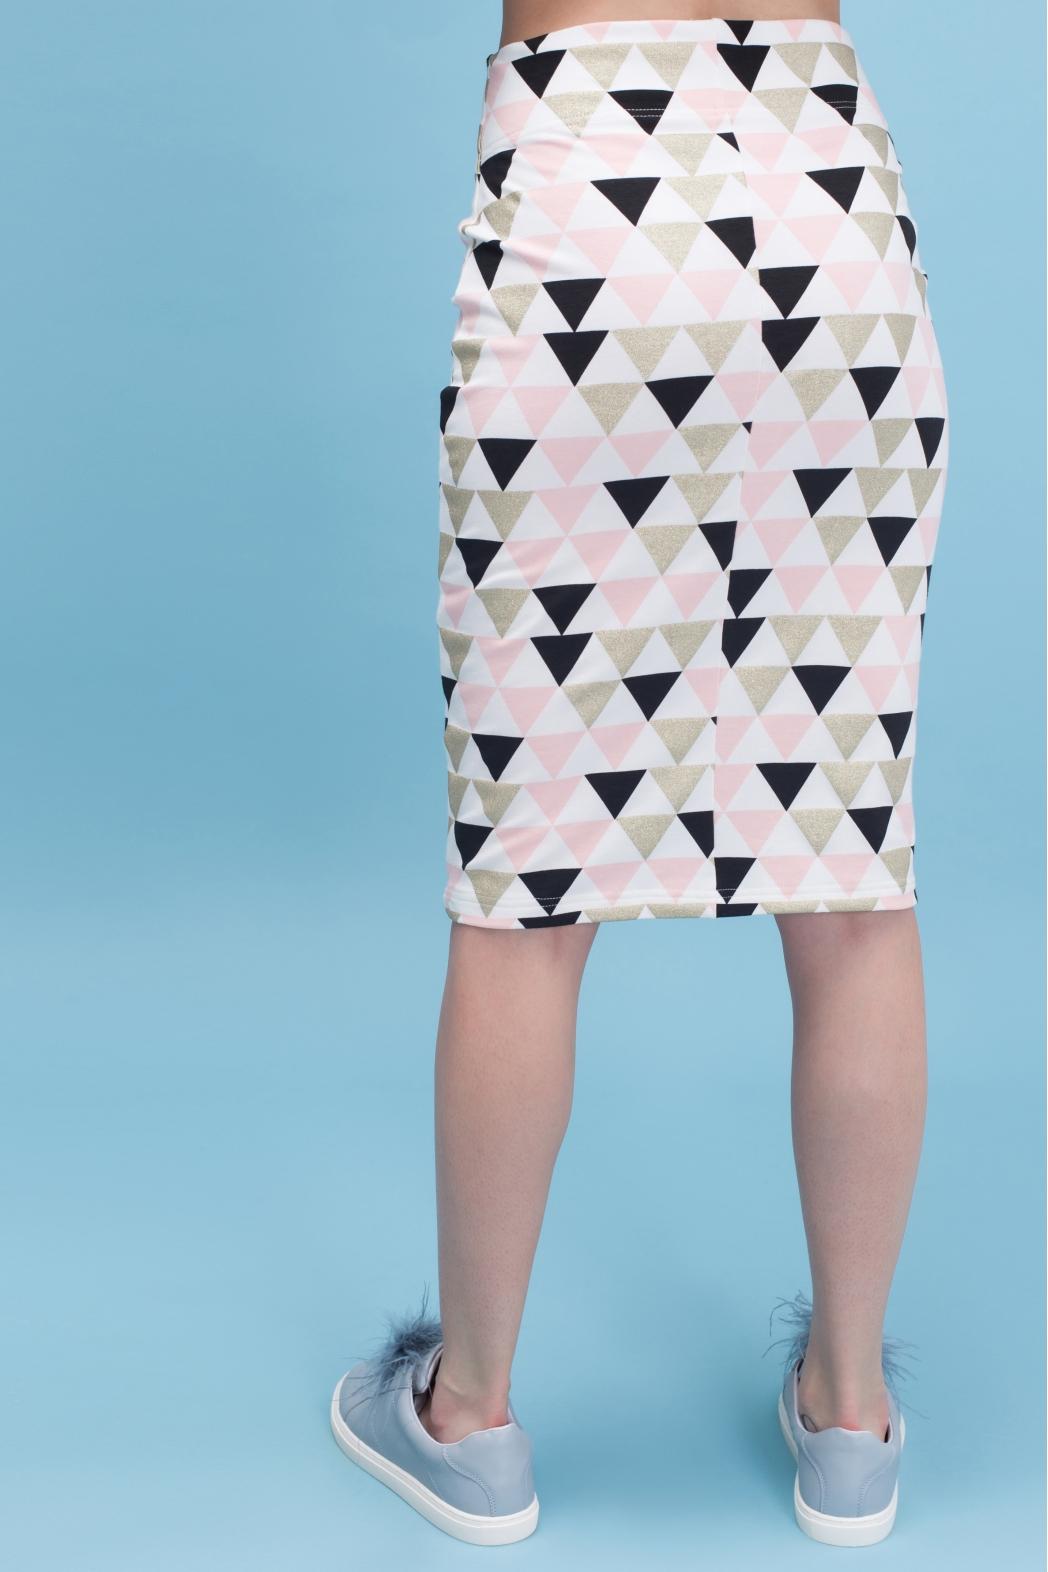 Юбка My Comfy с принтом (розовый треугольник)